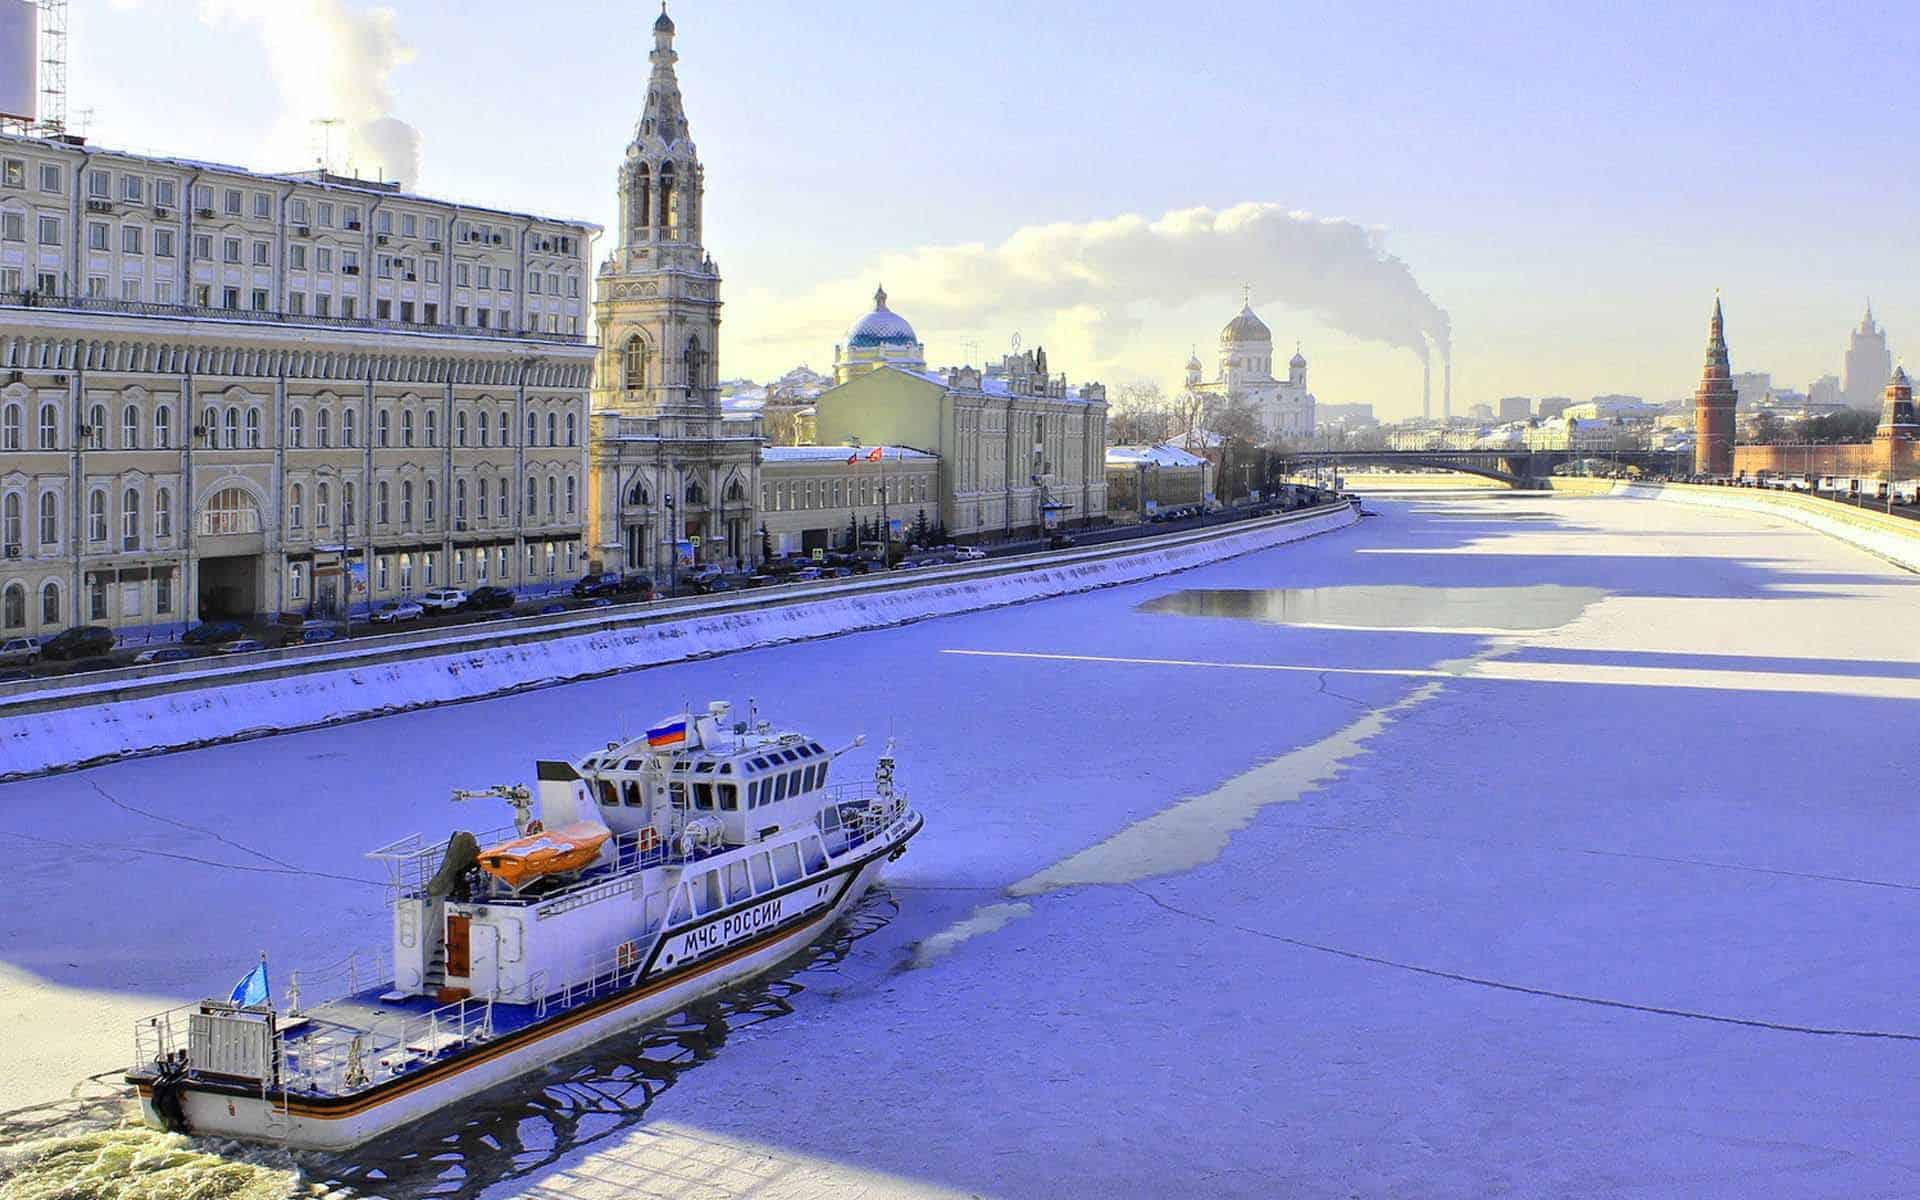 Москва - популярнее Парижа Москва – популярнее Парижа 2 1